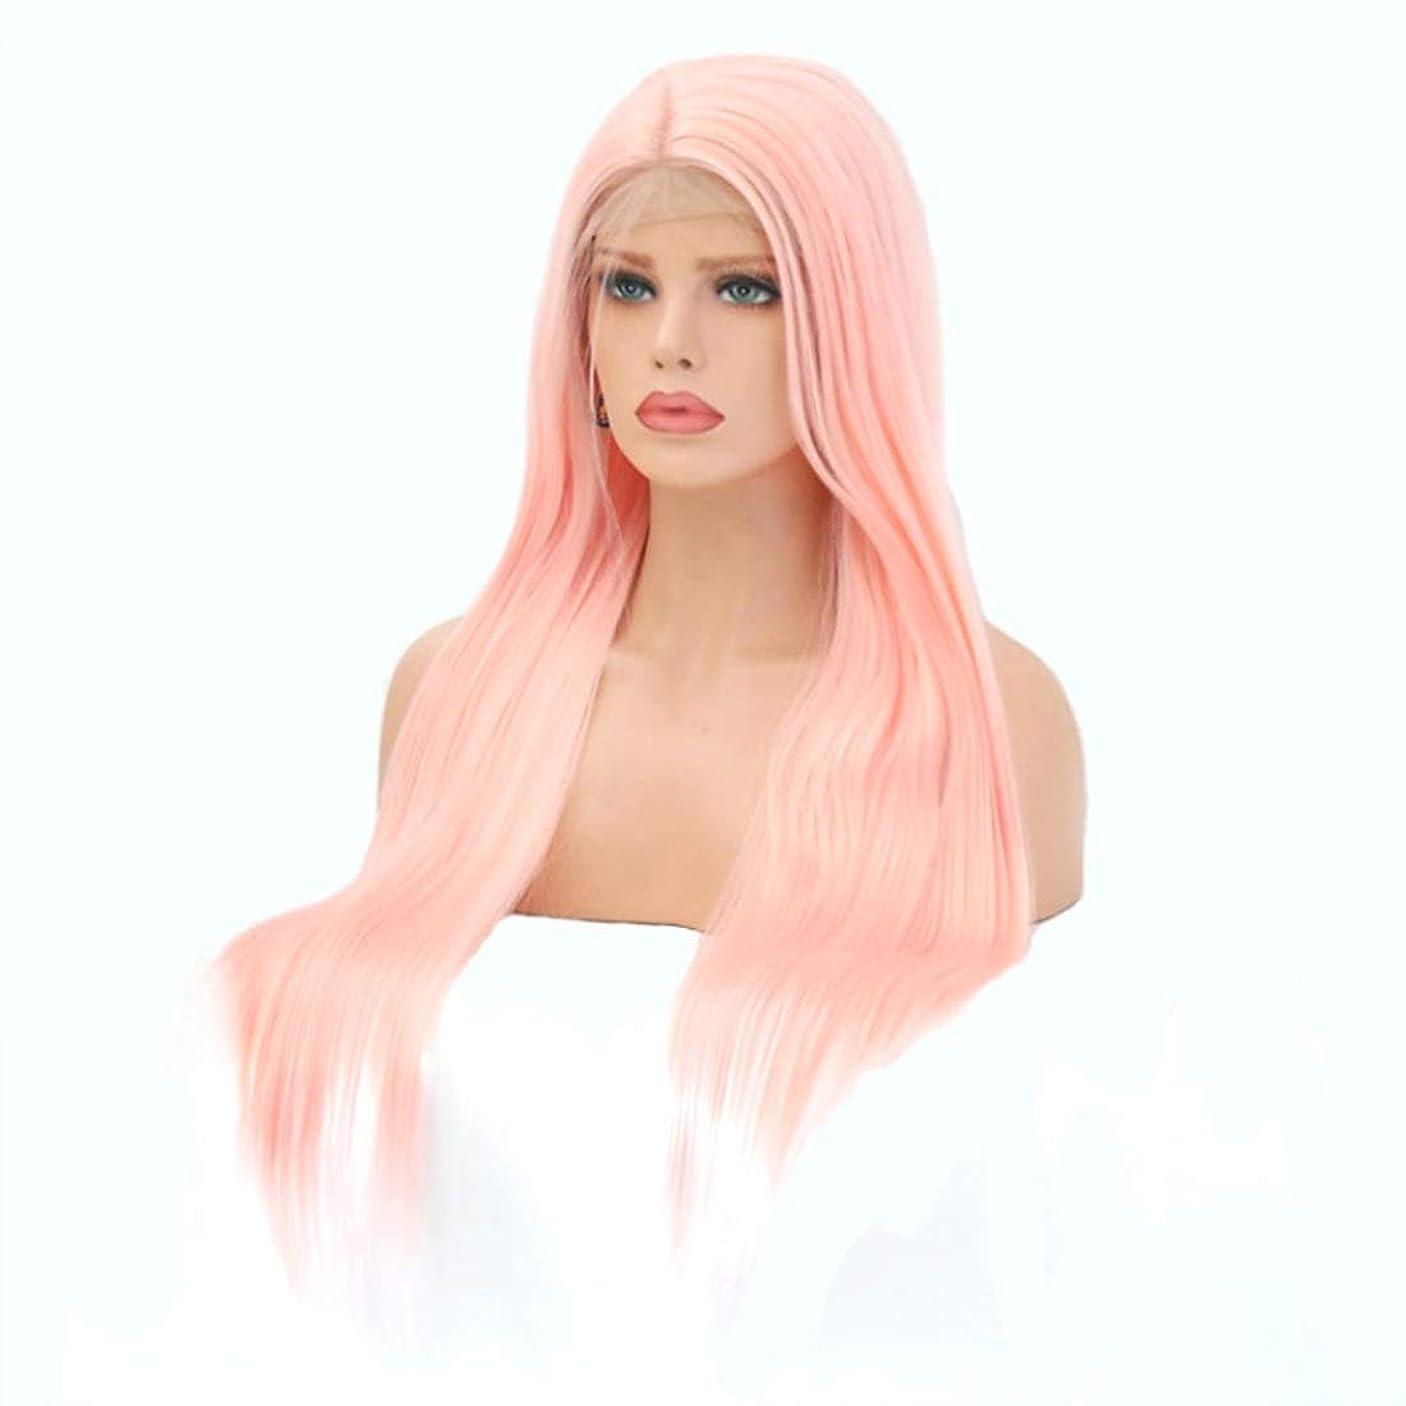 トラックかもしれない温室Koloeplf 女性のためのフロントレースウィッグピンクの長いストレートの髪の化学繊維ウィッグヘッドギア